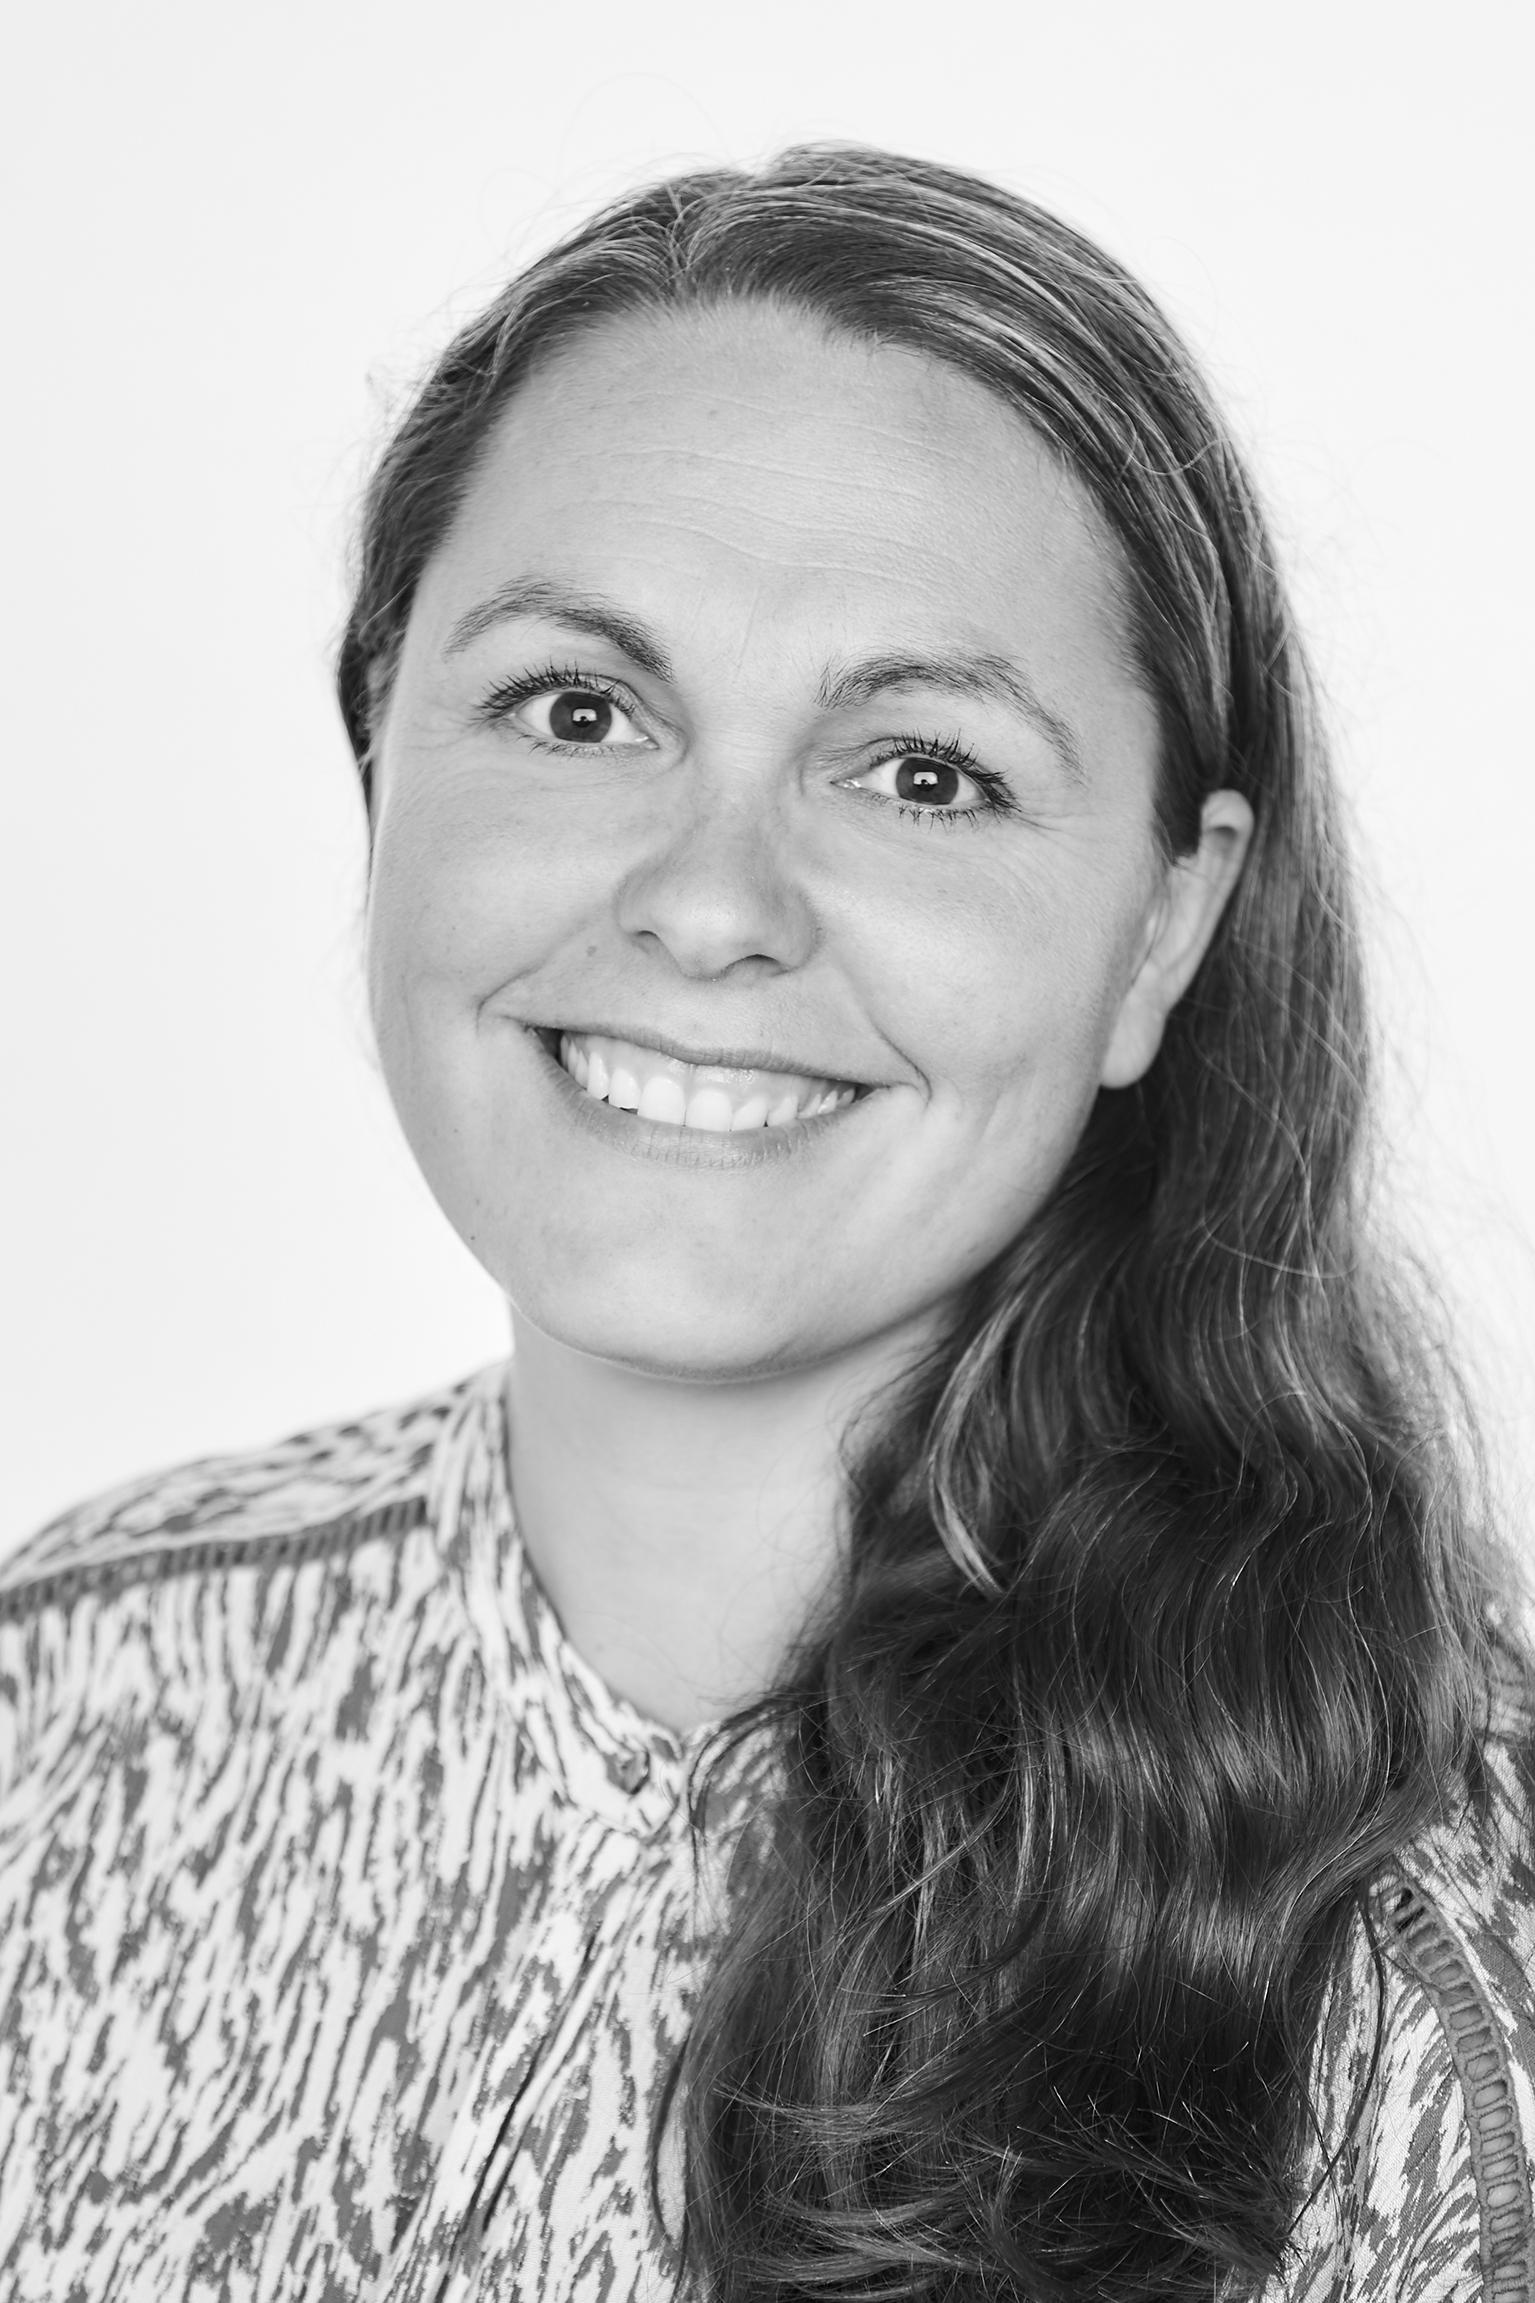 Pia J. Povlsen